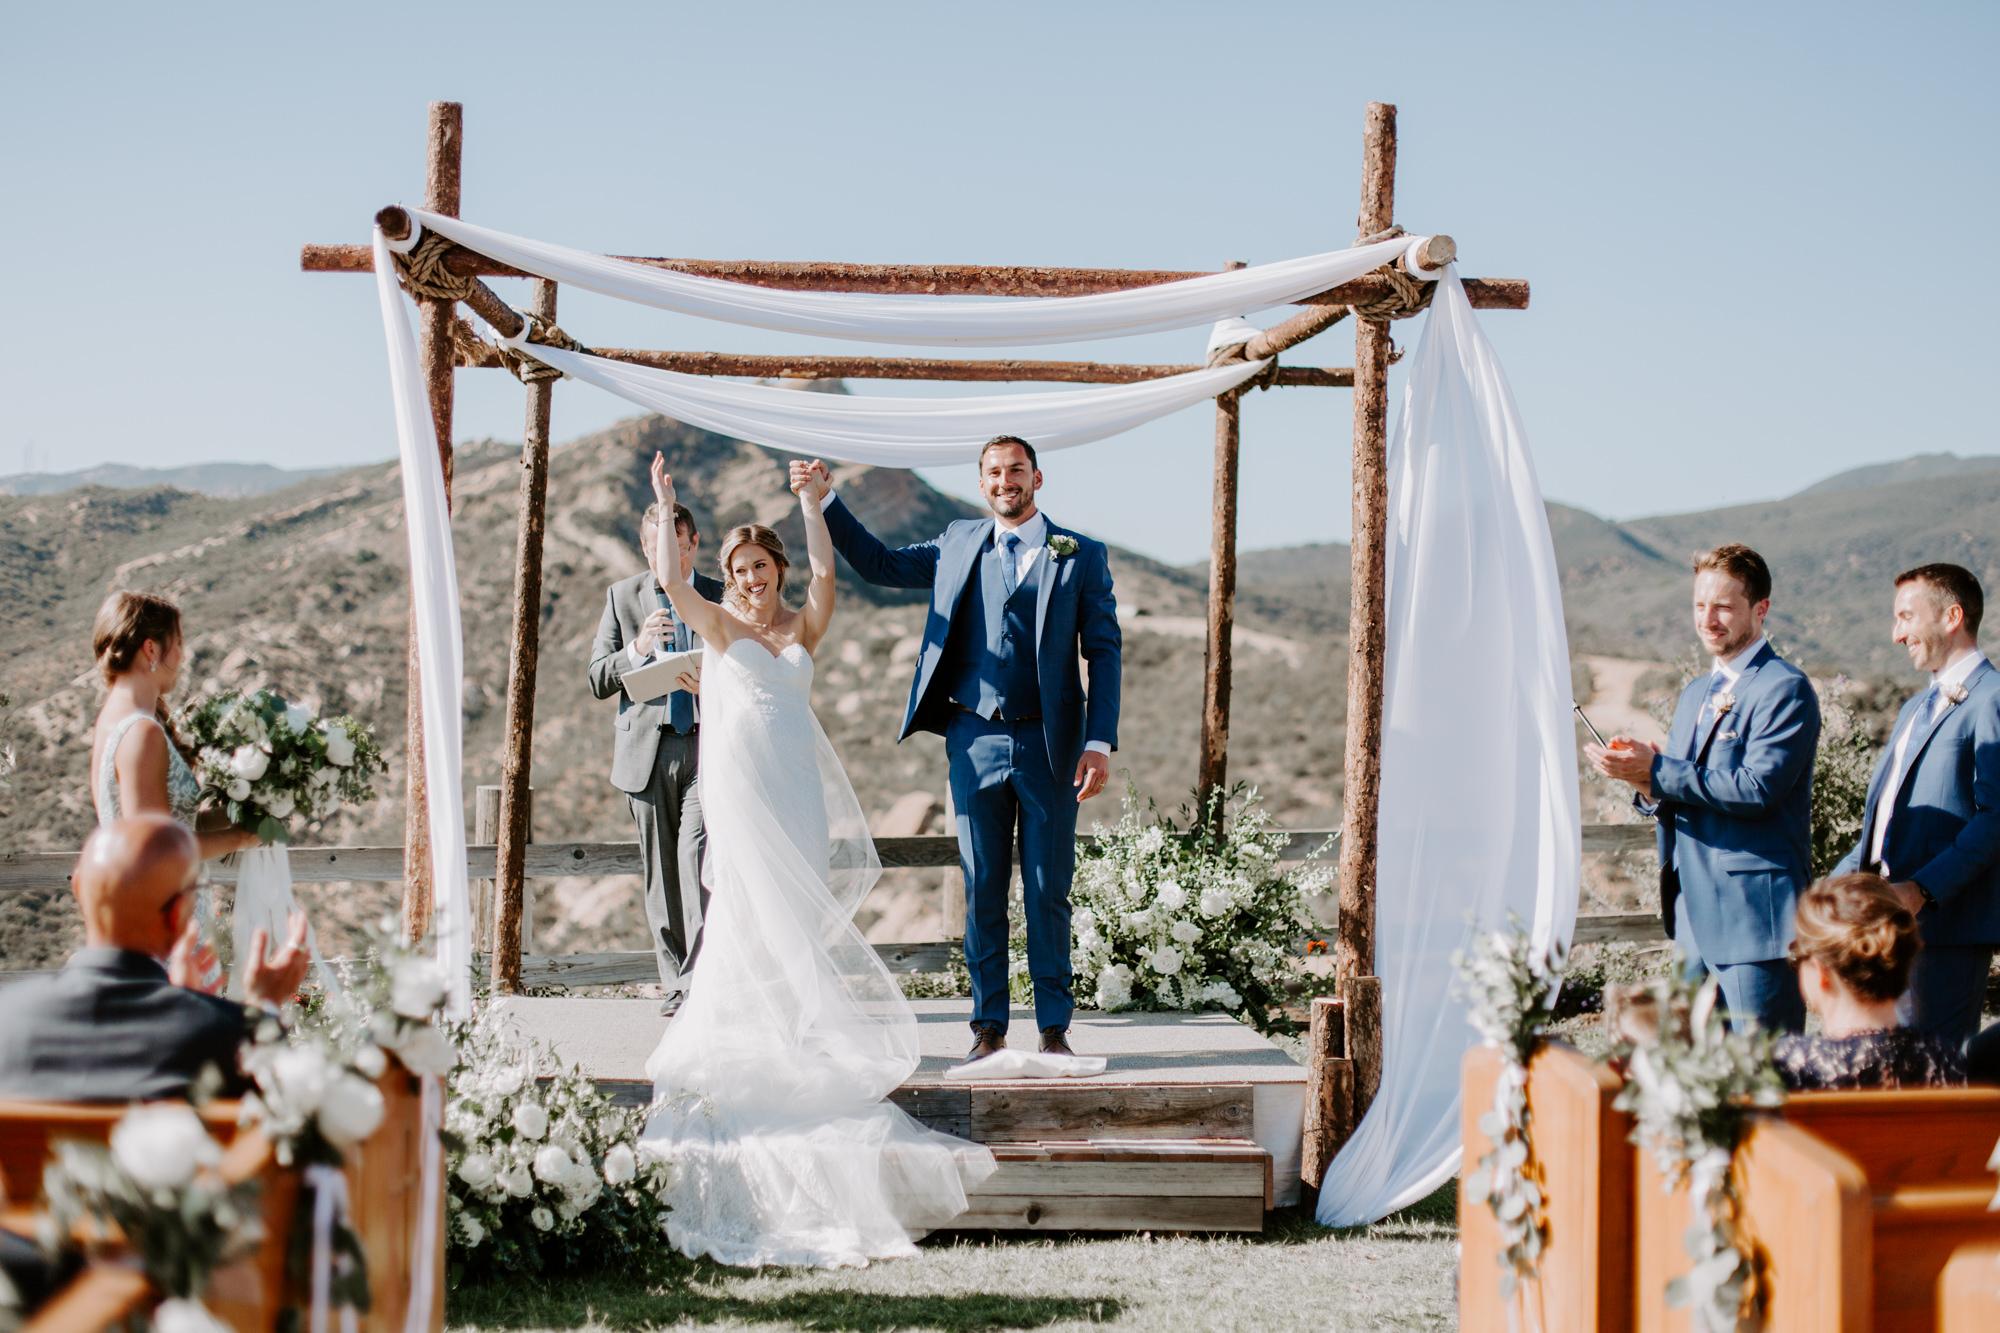 San Diego Wedding photography in Silverado Backyard Wedding050.jpg